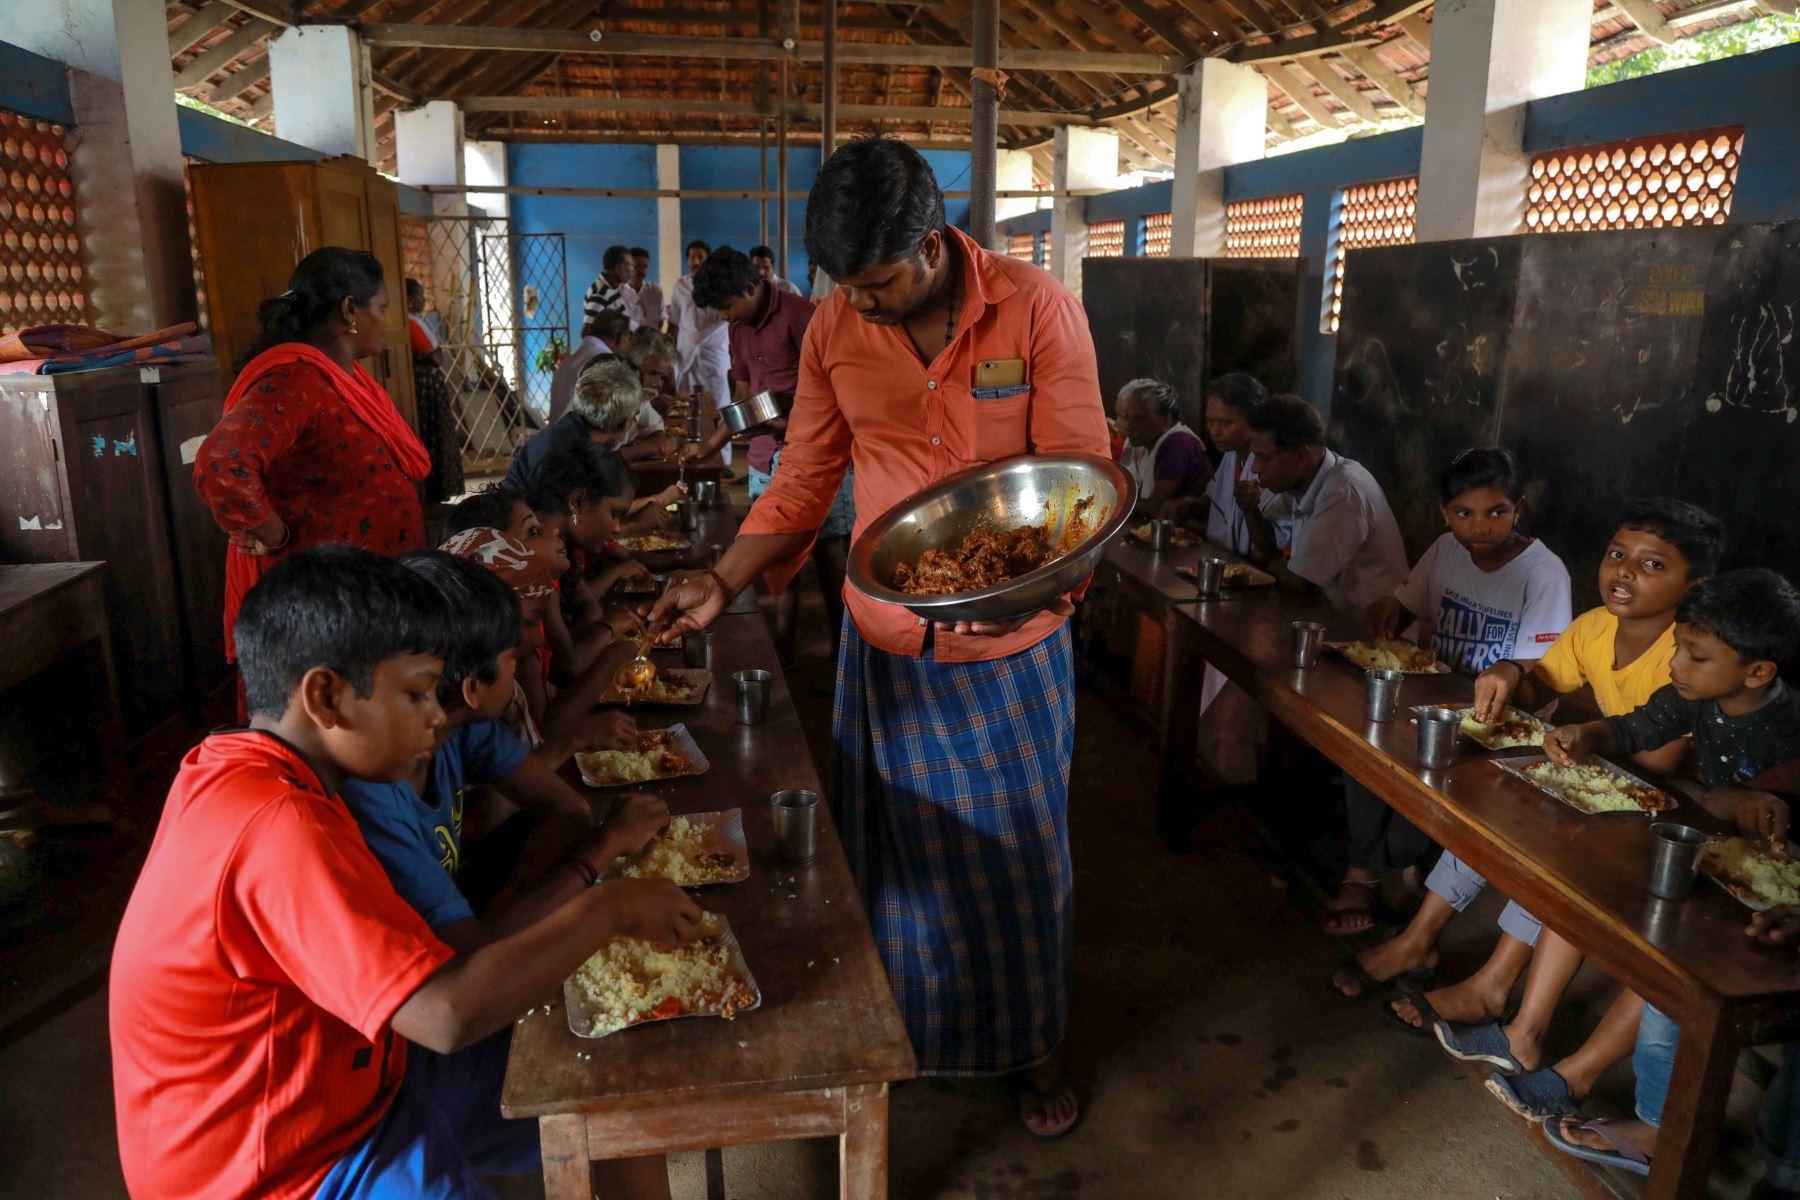 A las personas desplazadas por la inundaciones se les sirve comida en un campamento de ayuda en Kunnukara al sur de India. AFP